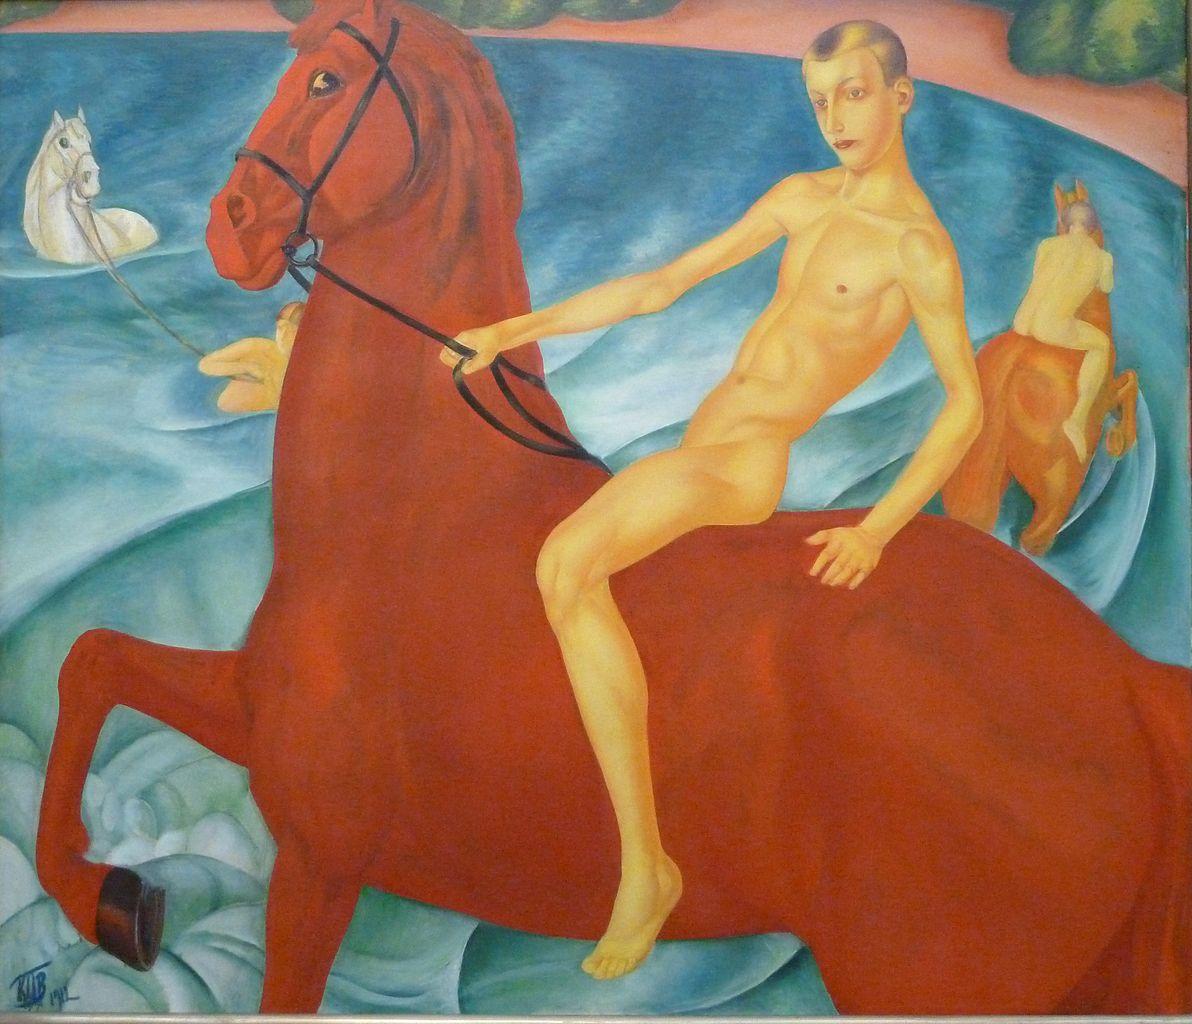 К. Петров-Водкин. Купание красного коня. 1912 г.